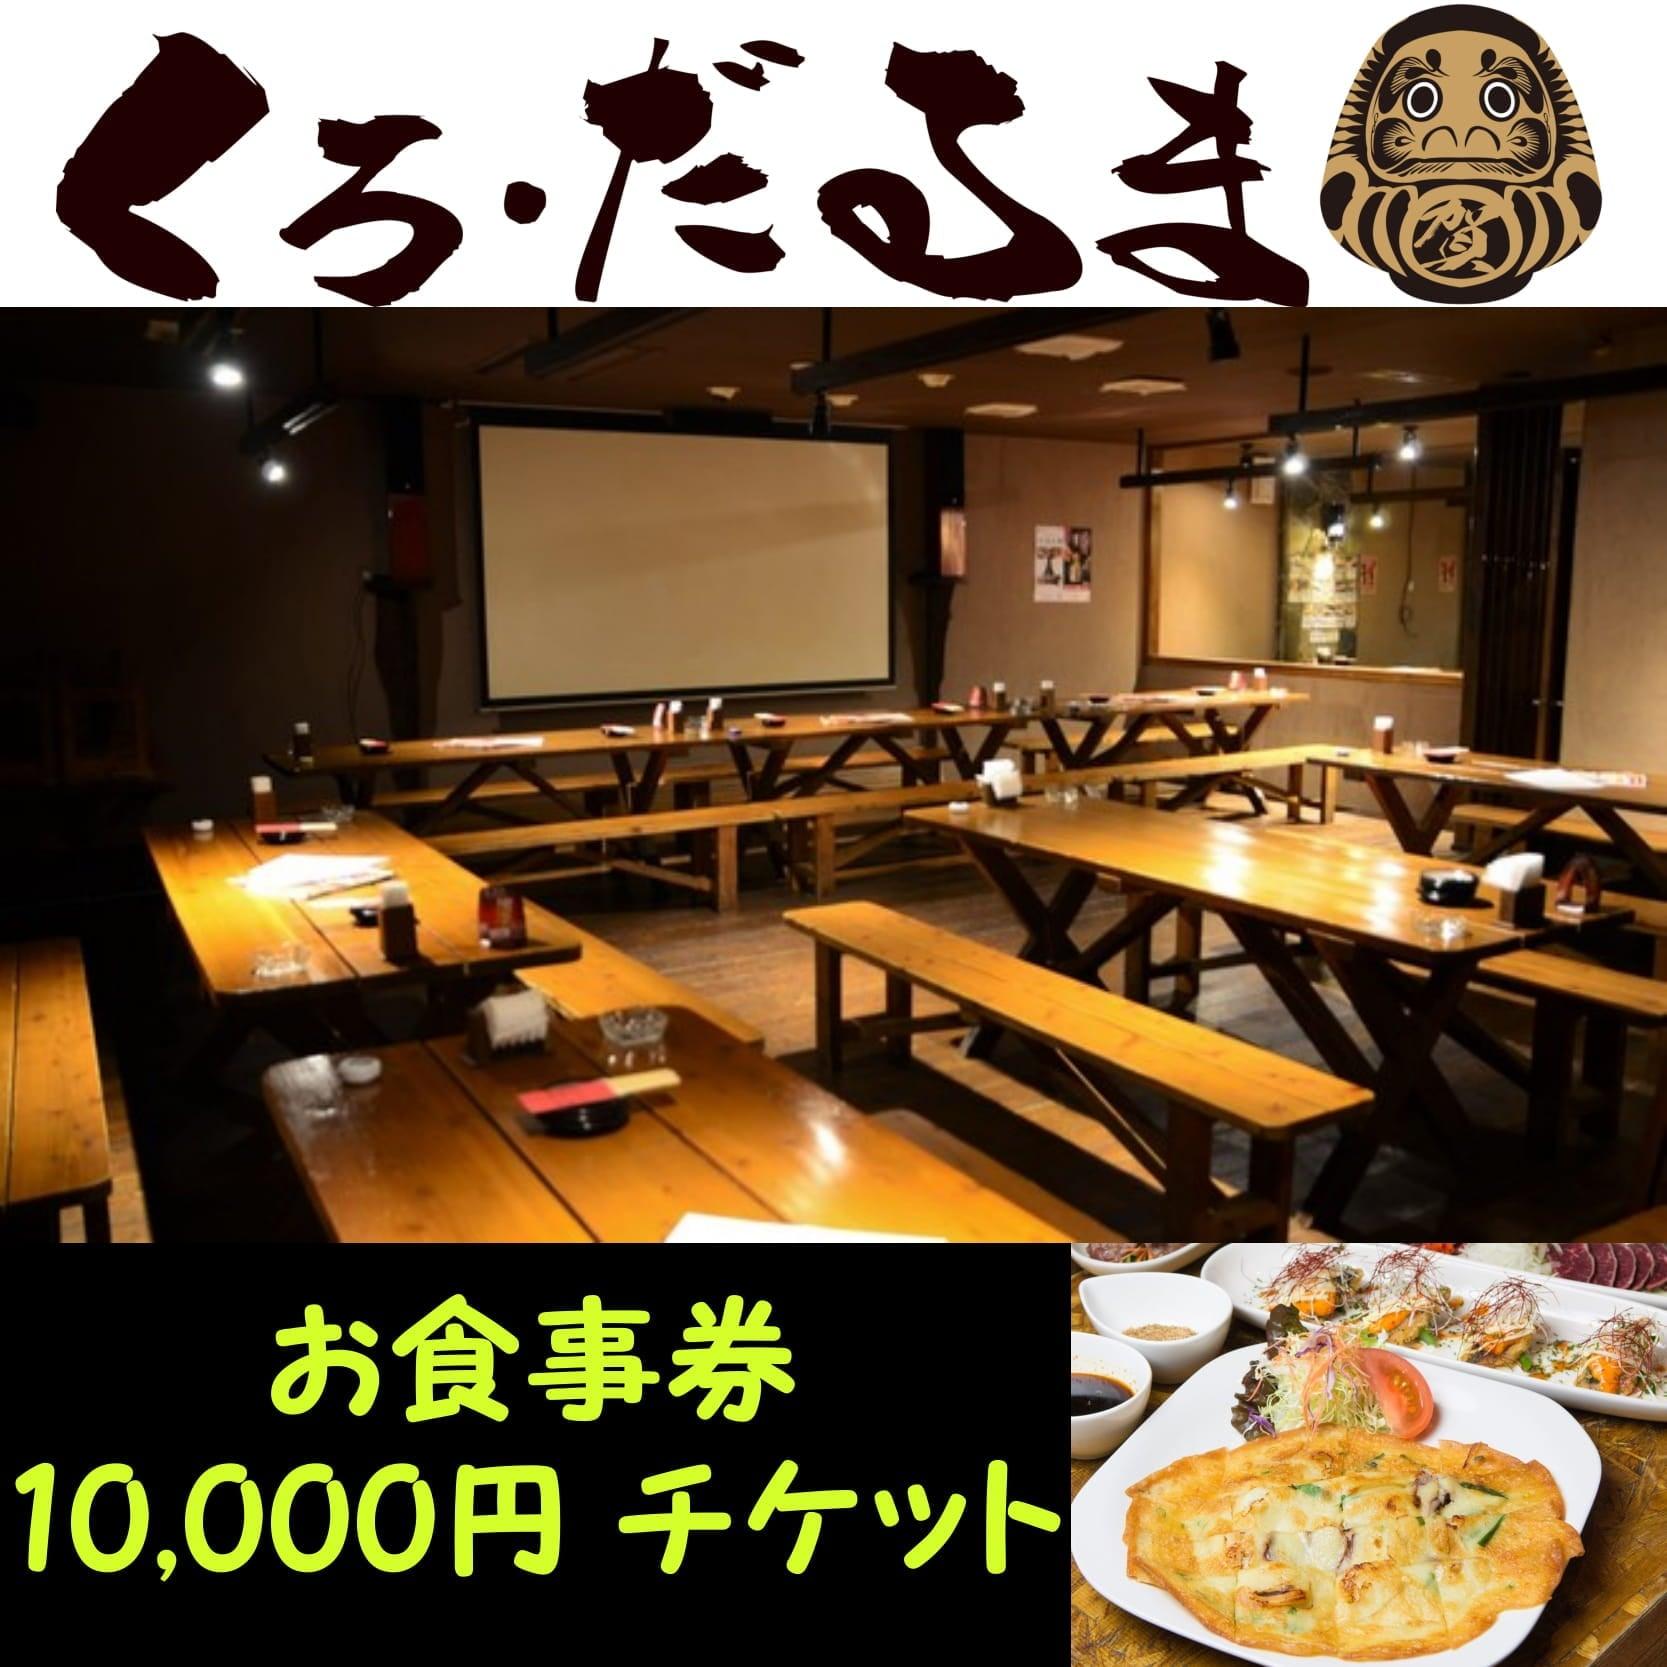 【現地払い専用】10,000円お食事券/お買い物で使えちゃうポイントが貯まりお得です‼️のイメージその1